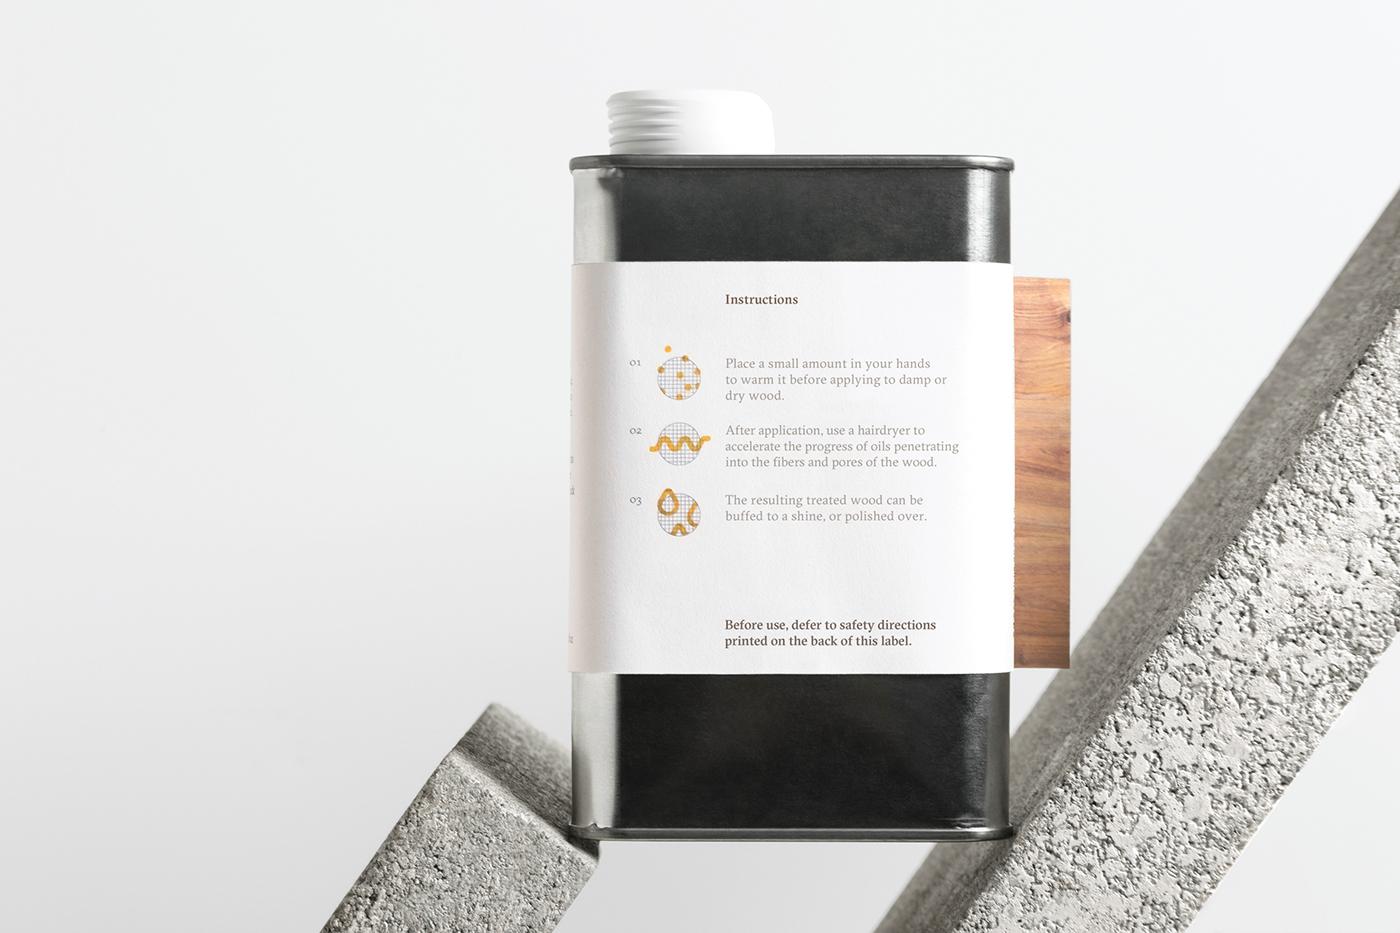 Contour日化用品包装设计欣赏,所属类别:包装设计、包装、日化、日用品 - 任刚 · Ren Gang 世界设计 · 设计世界